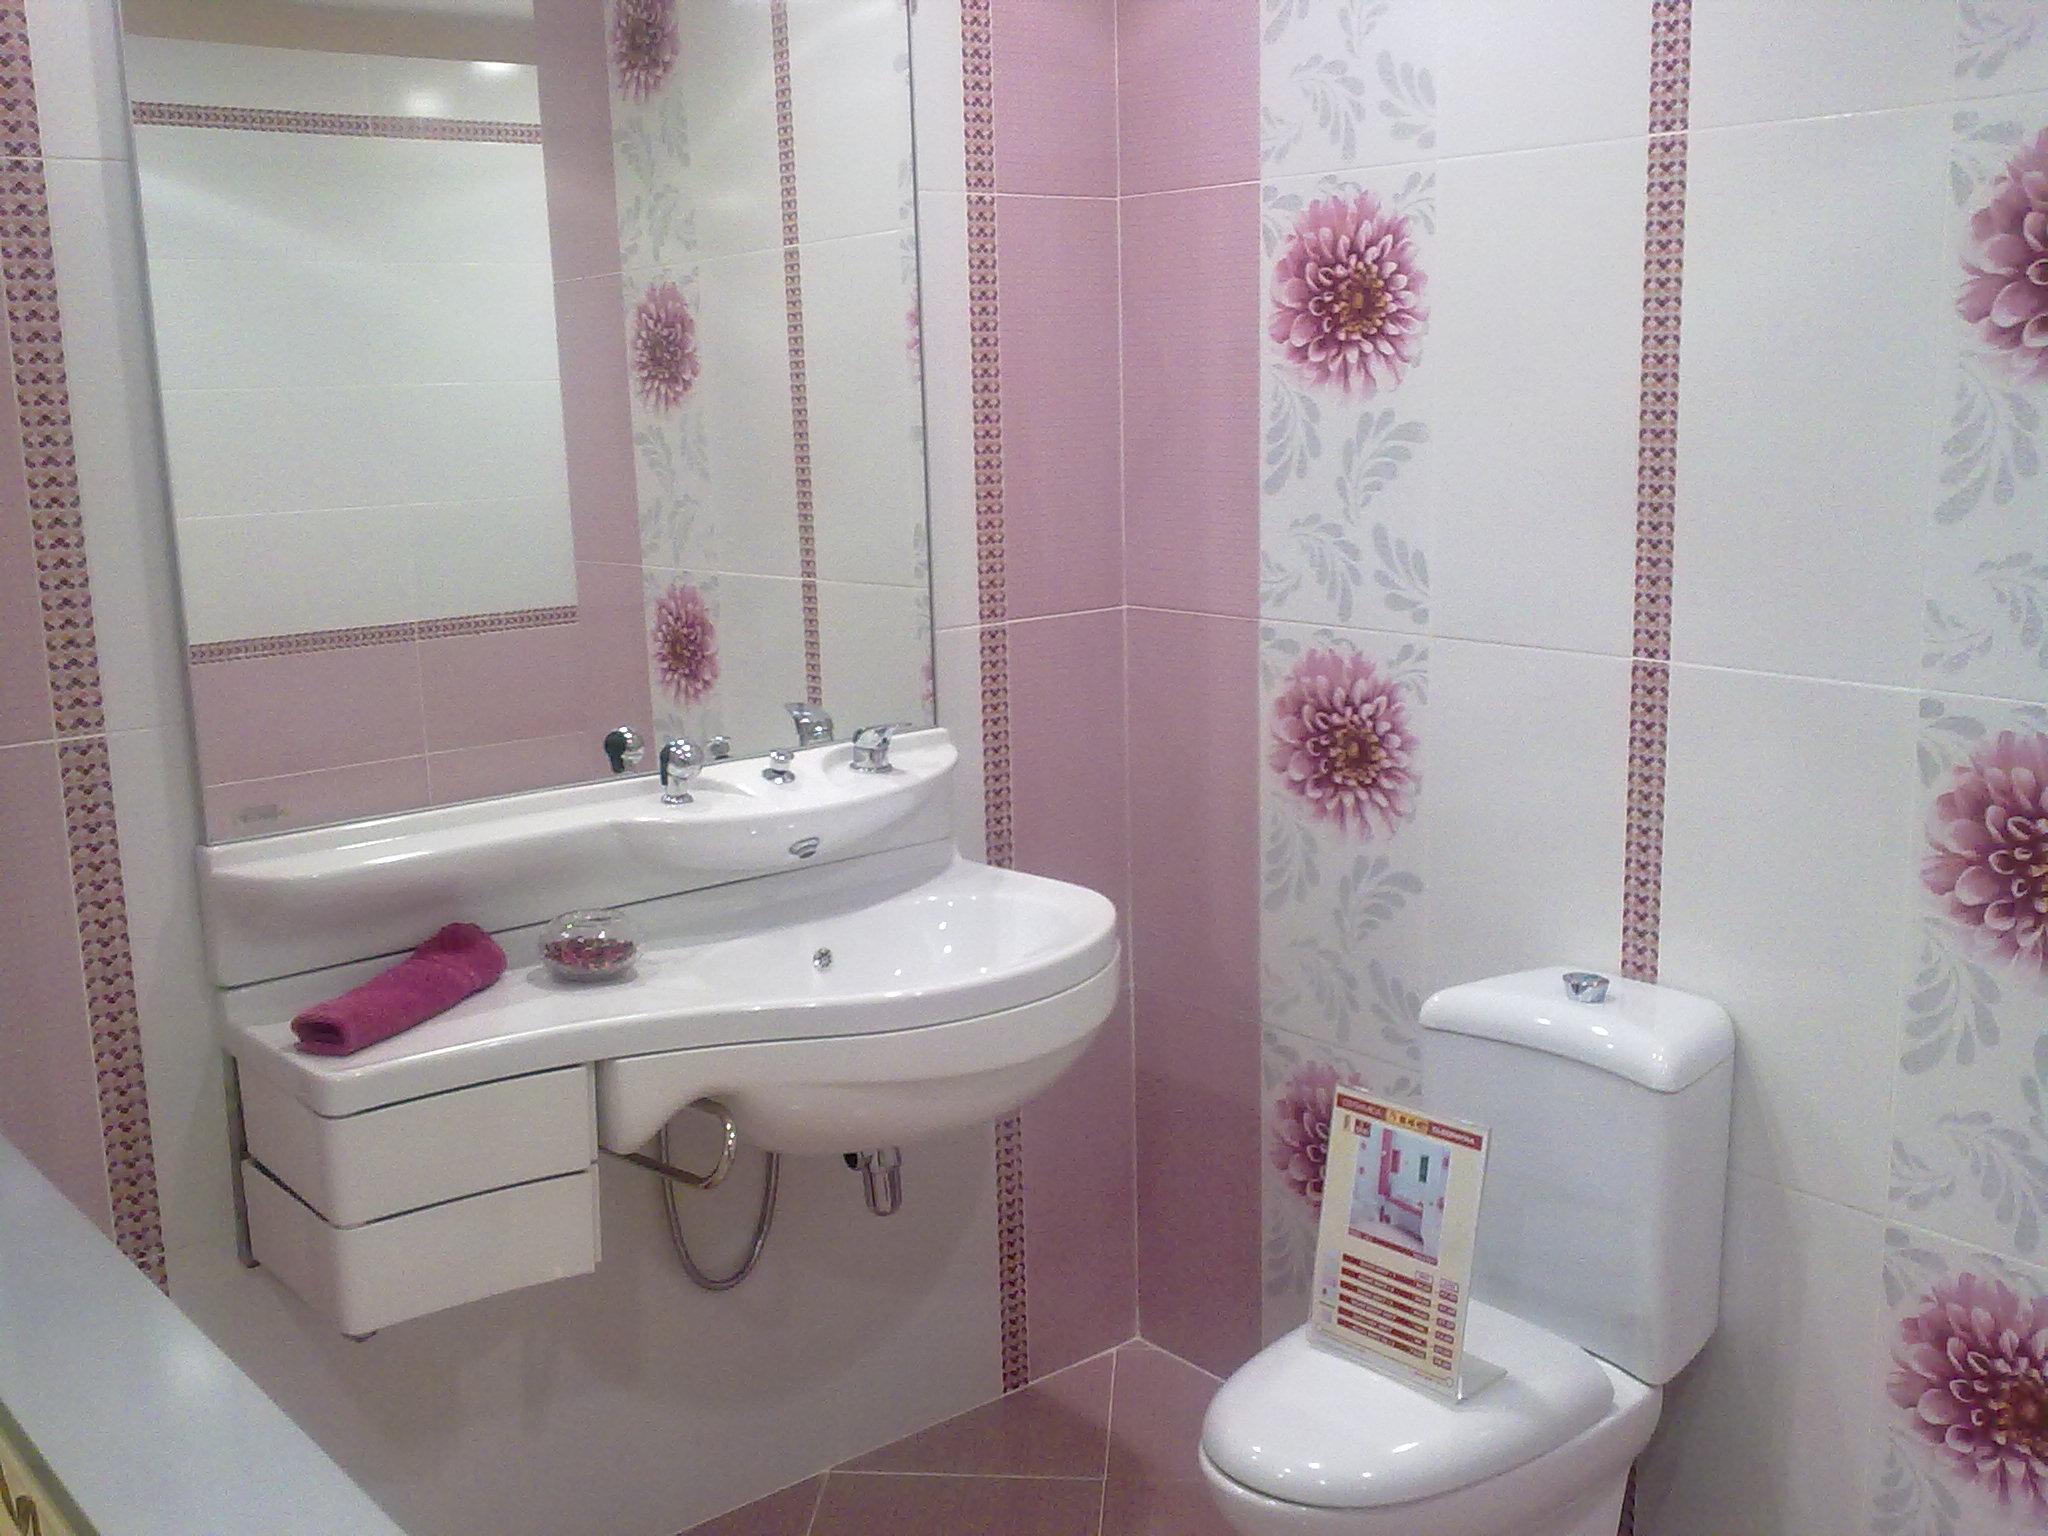 بالصور سيراميك حمامات 2019 , اروع انواع السيراميك للحمامات 5027 4